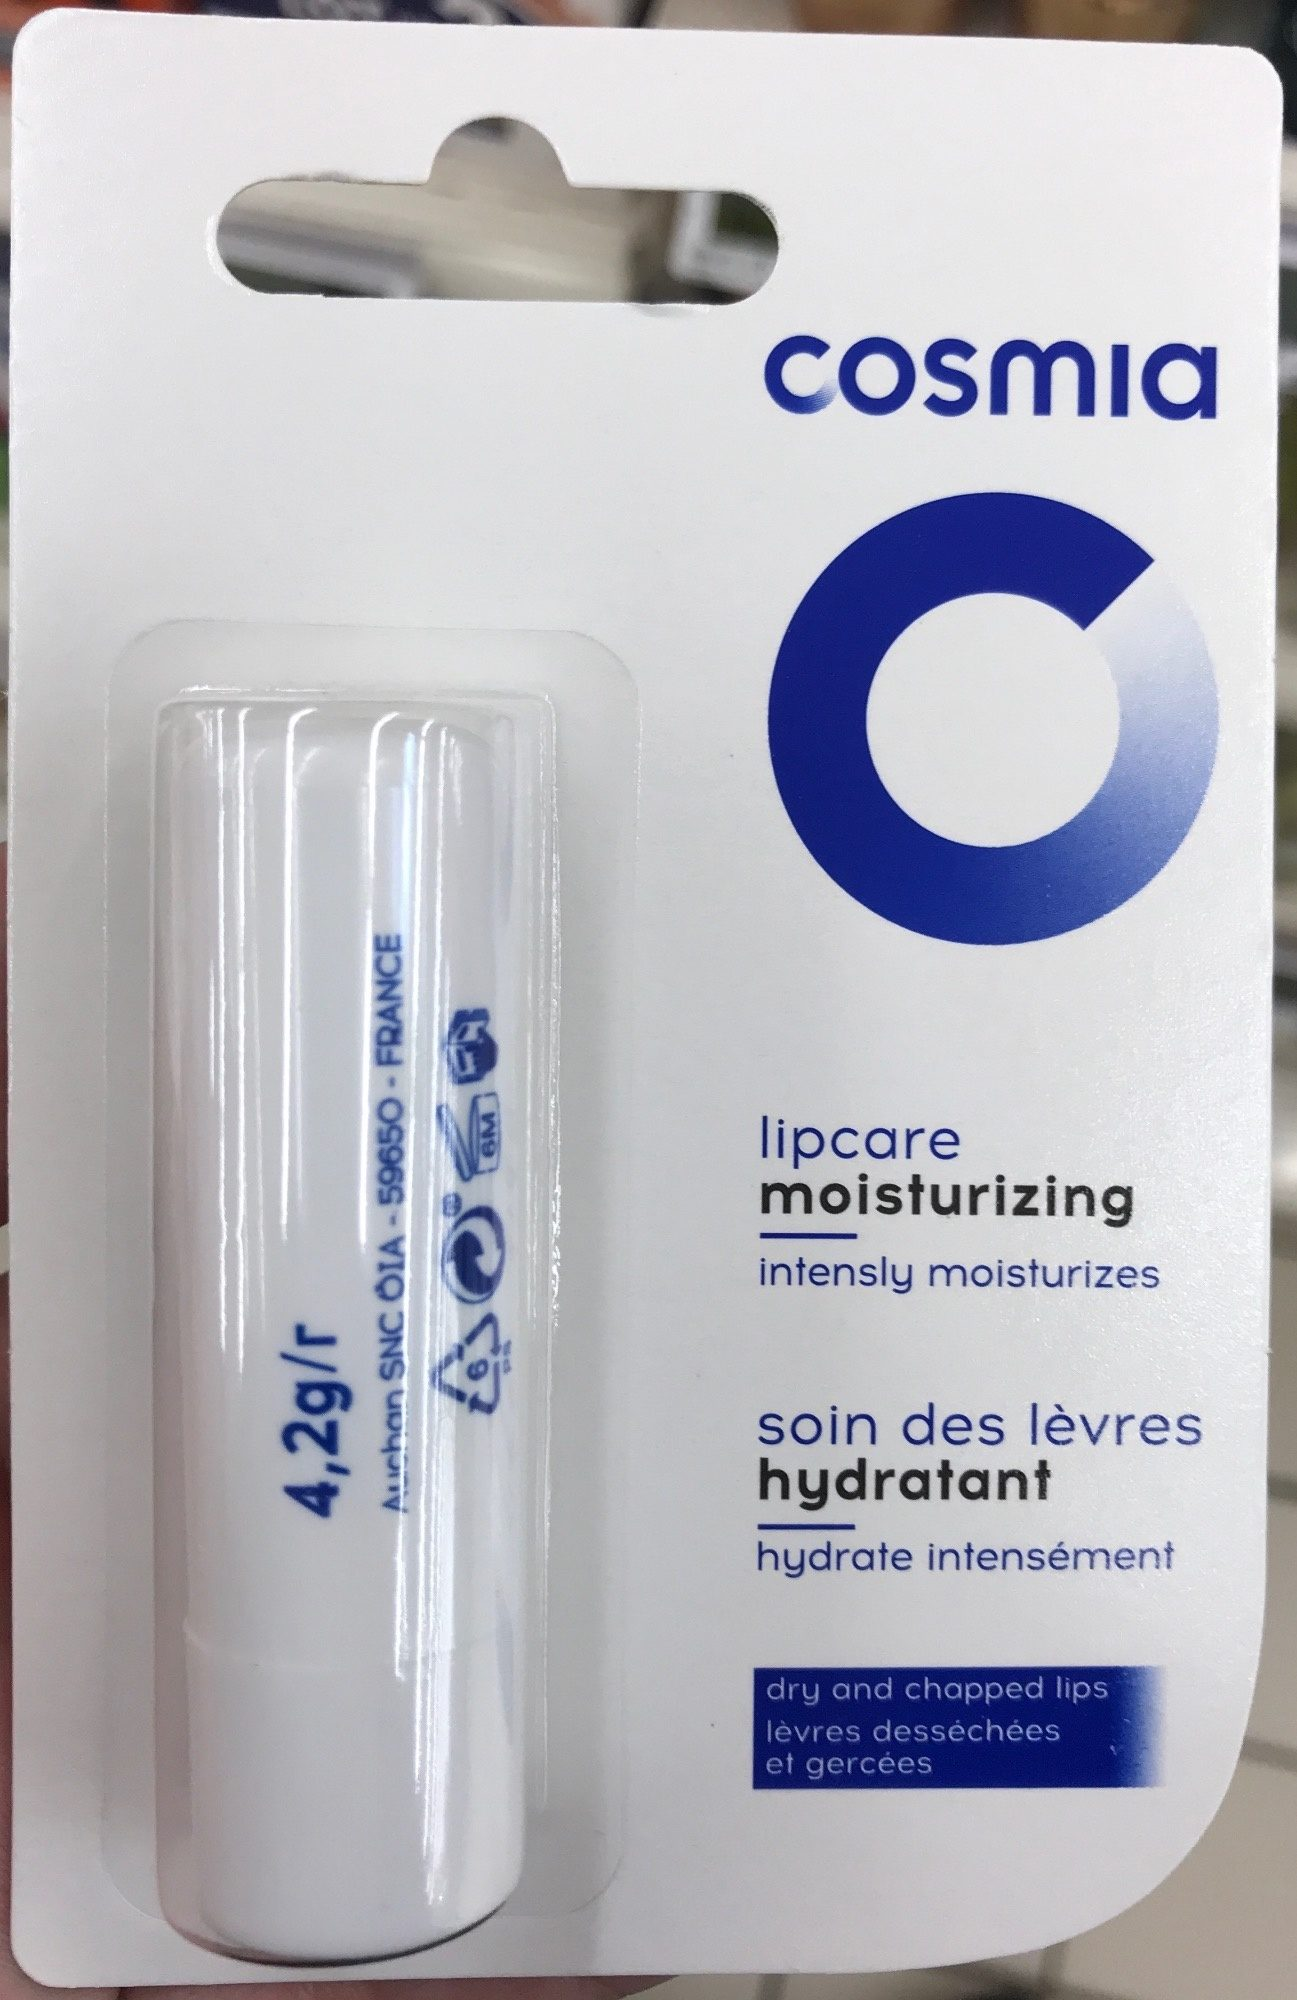 Soin des lèvres hydratant - Produit